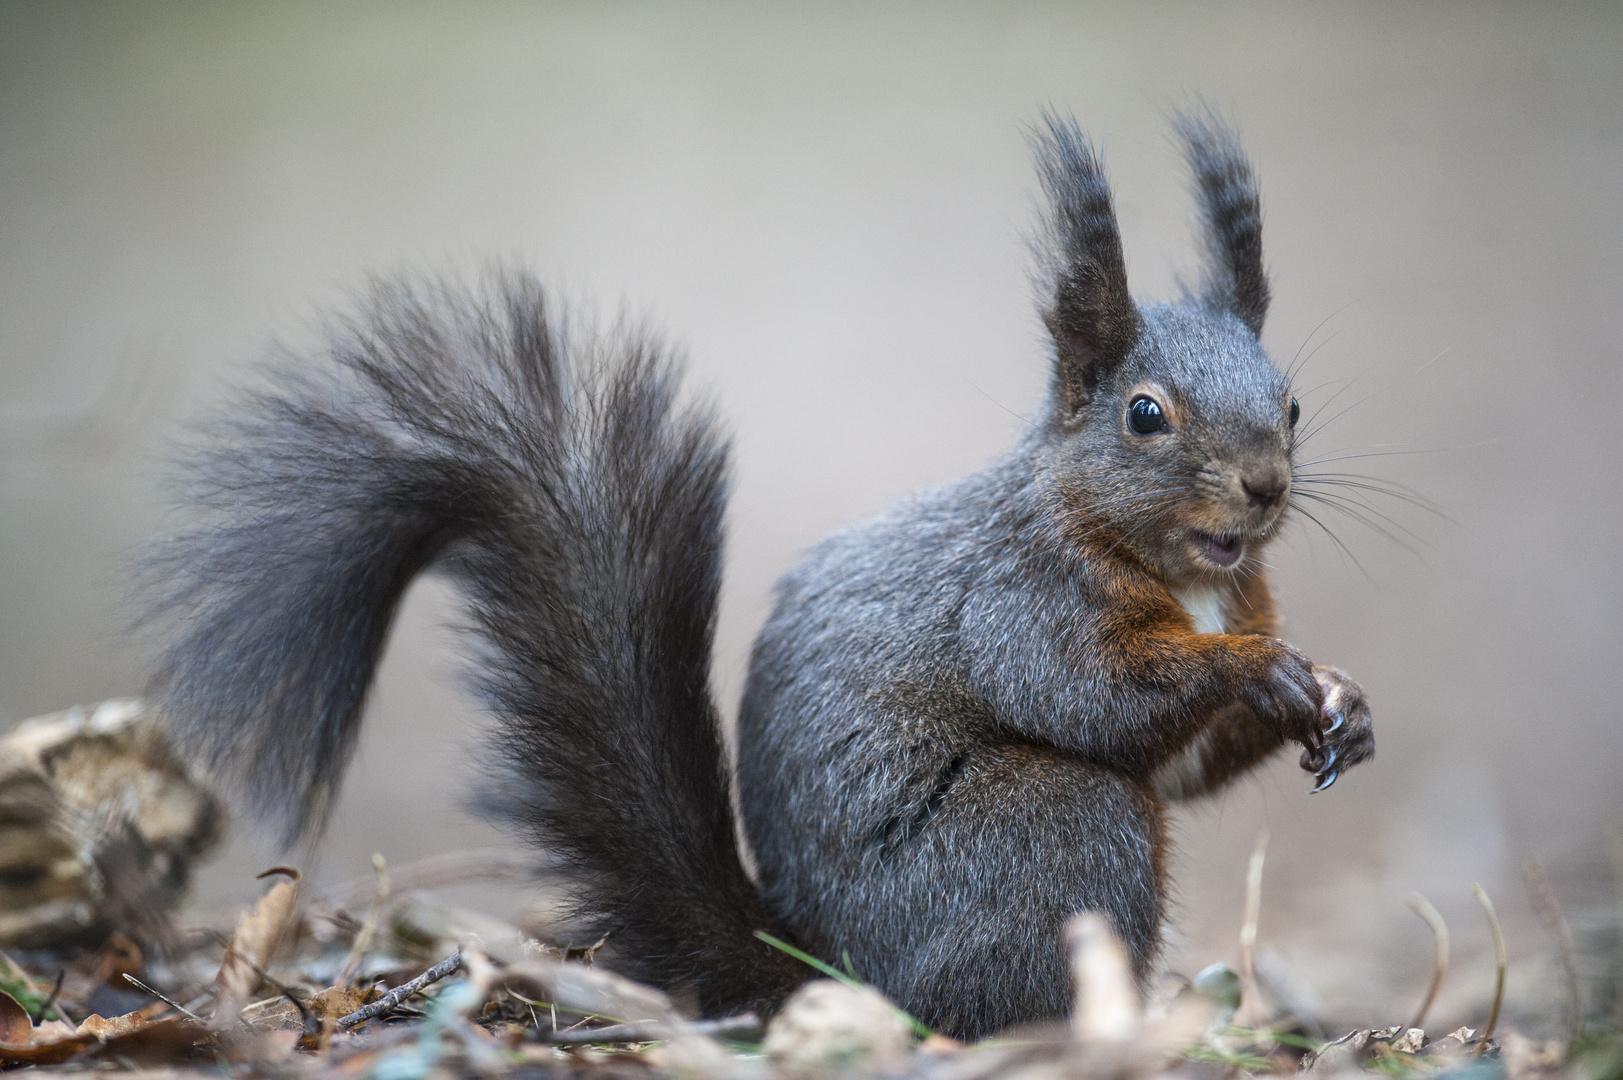 Little Nutdropper